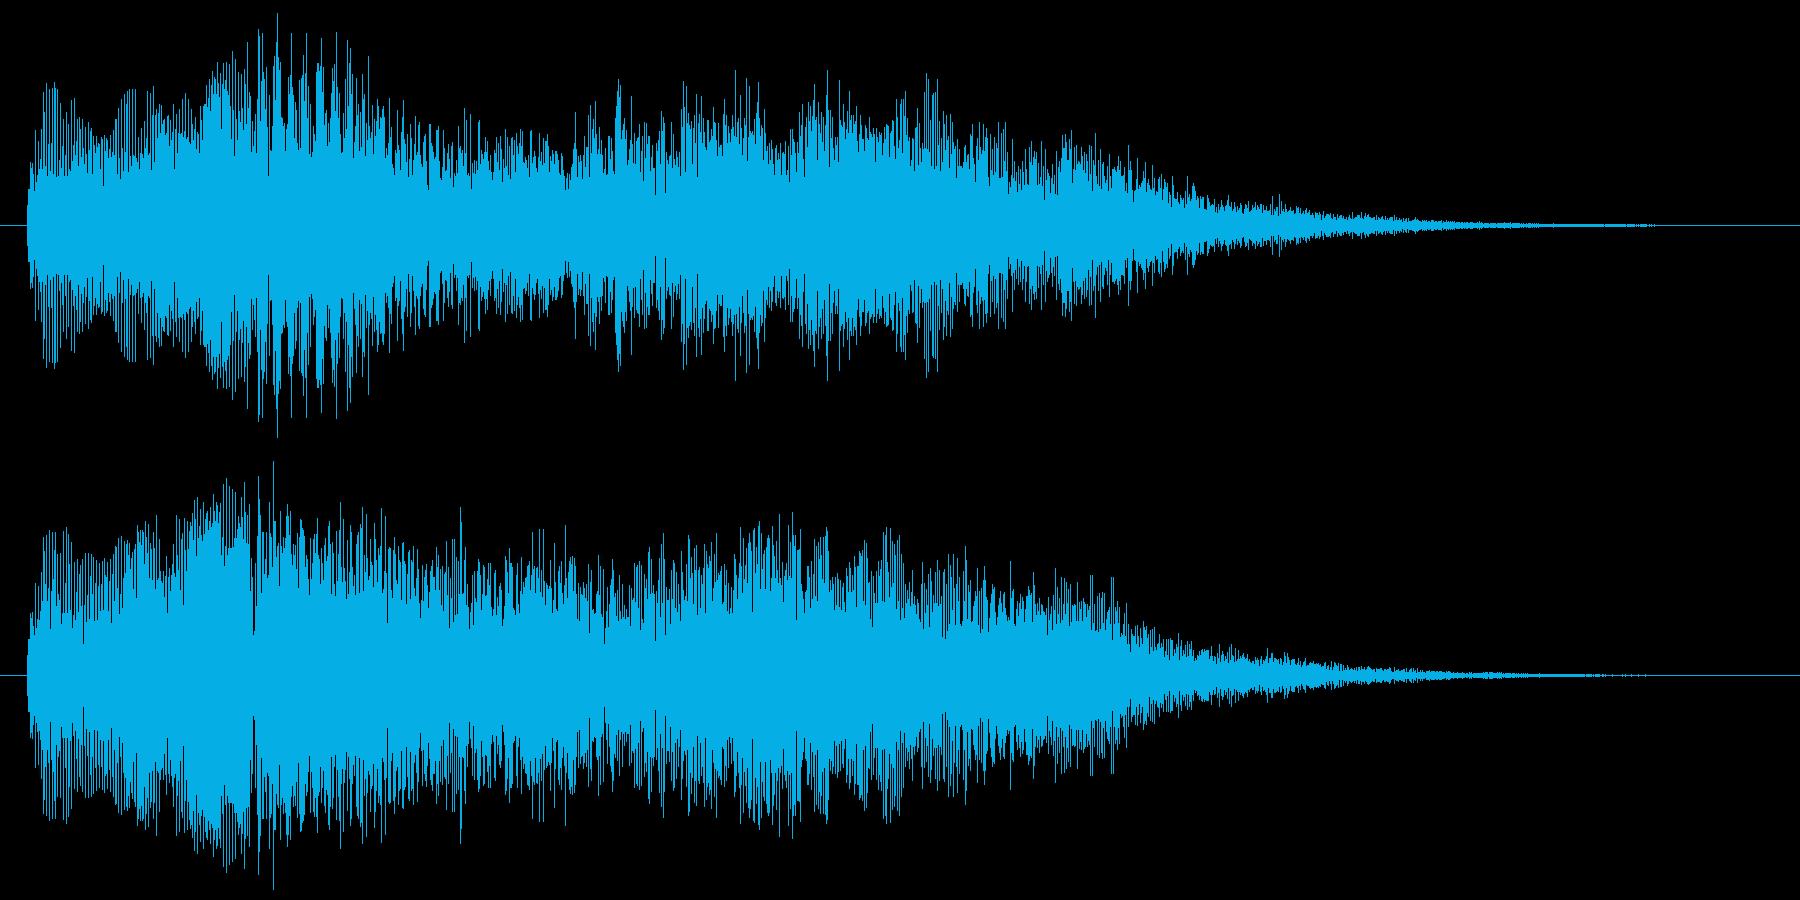 決定 選択 スタート クールな1フレーズの再生済みの波形